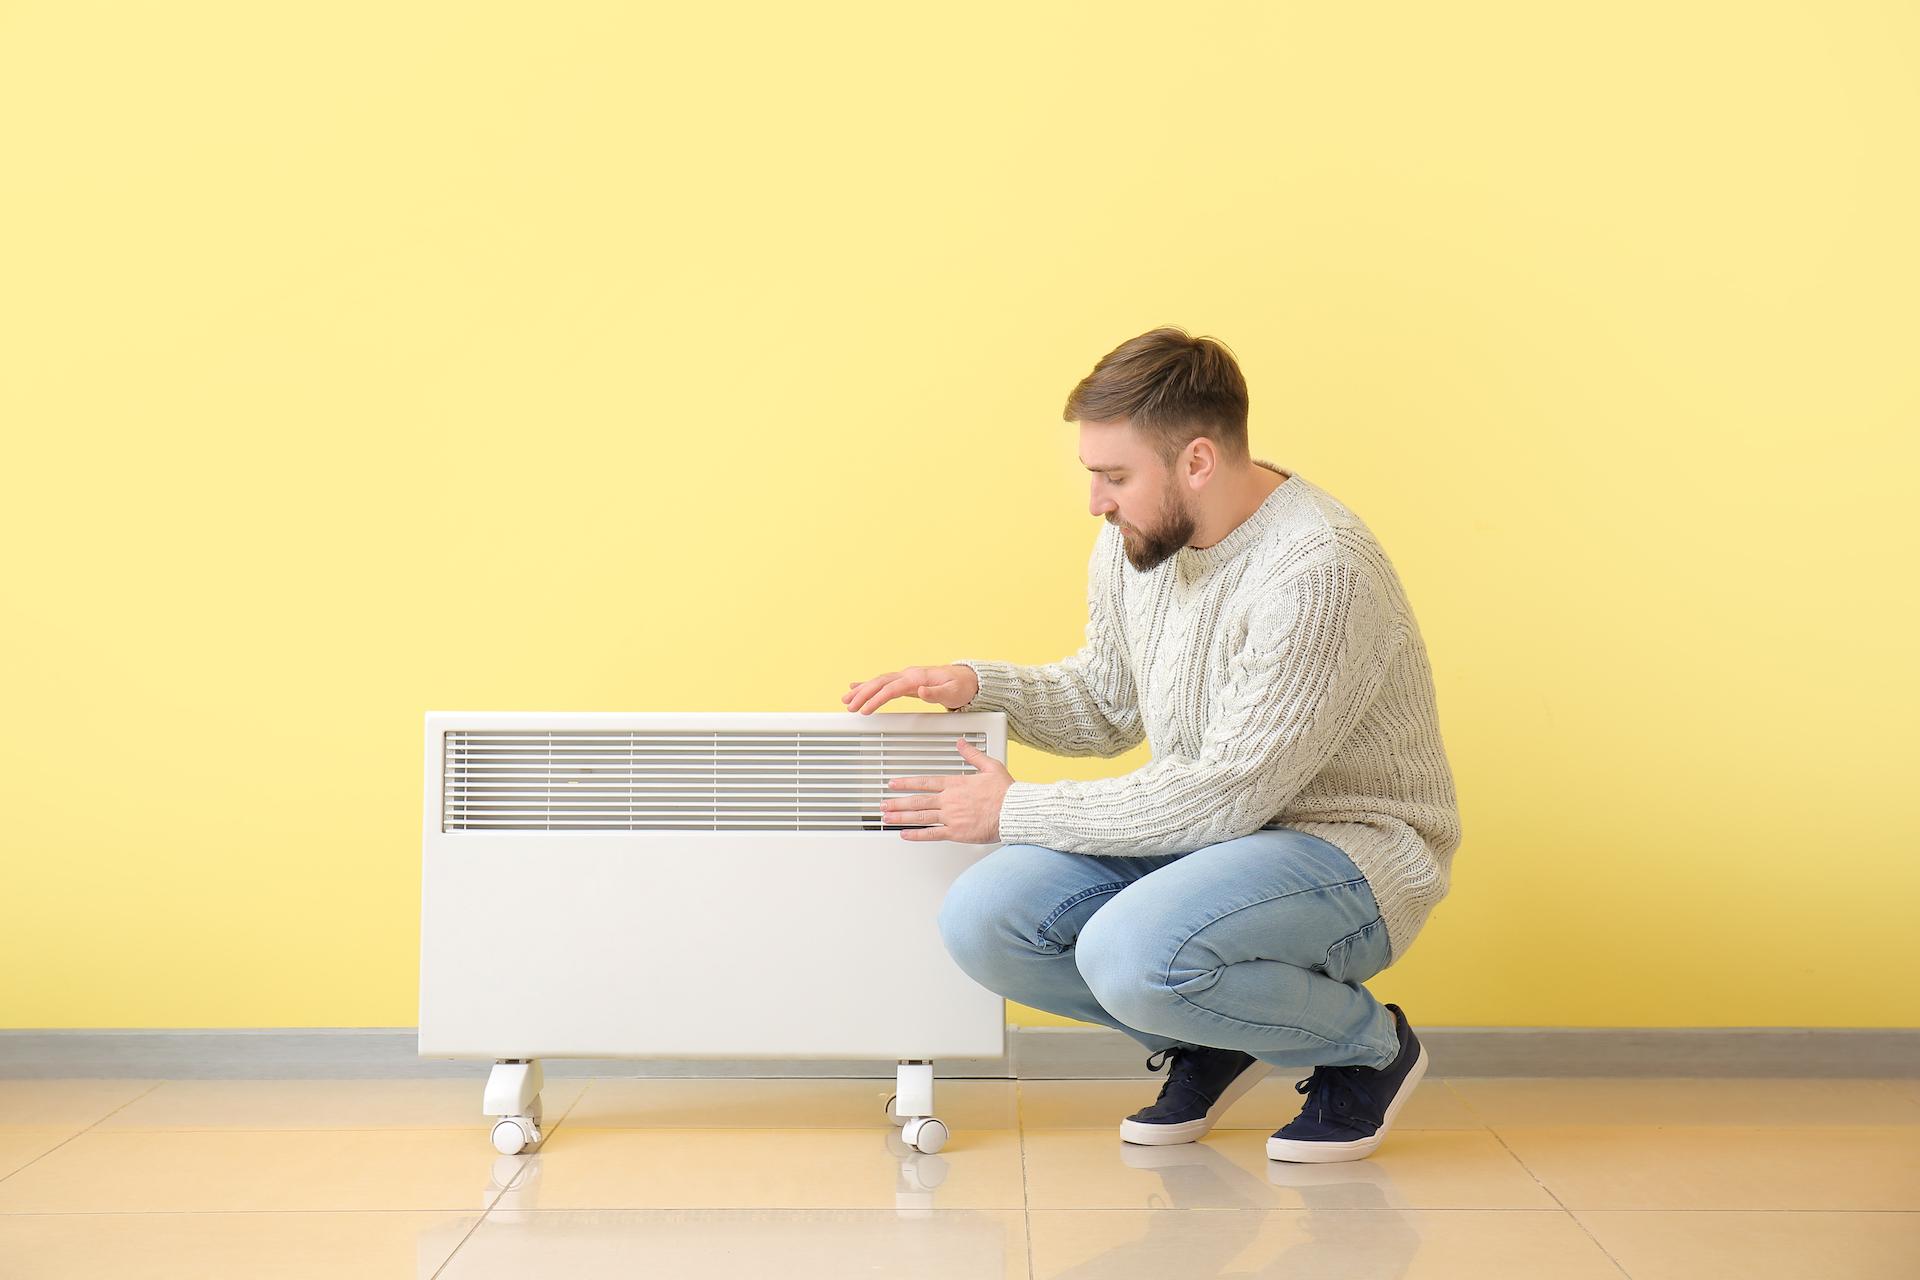 Az elektromosfűtés-típusok korszerű alternatívák